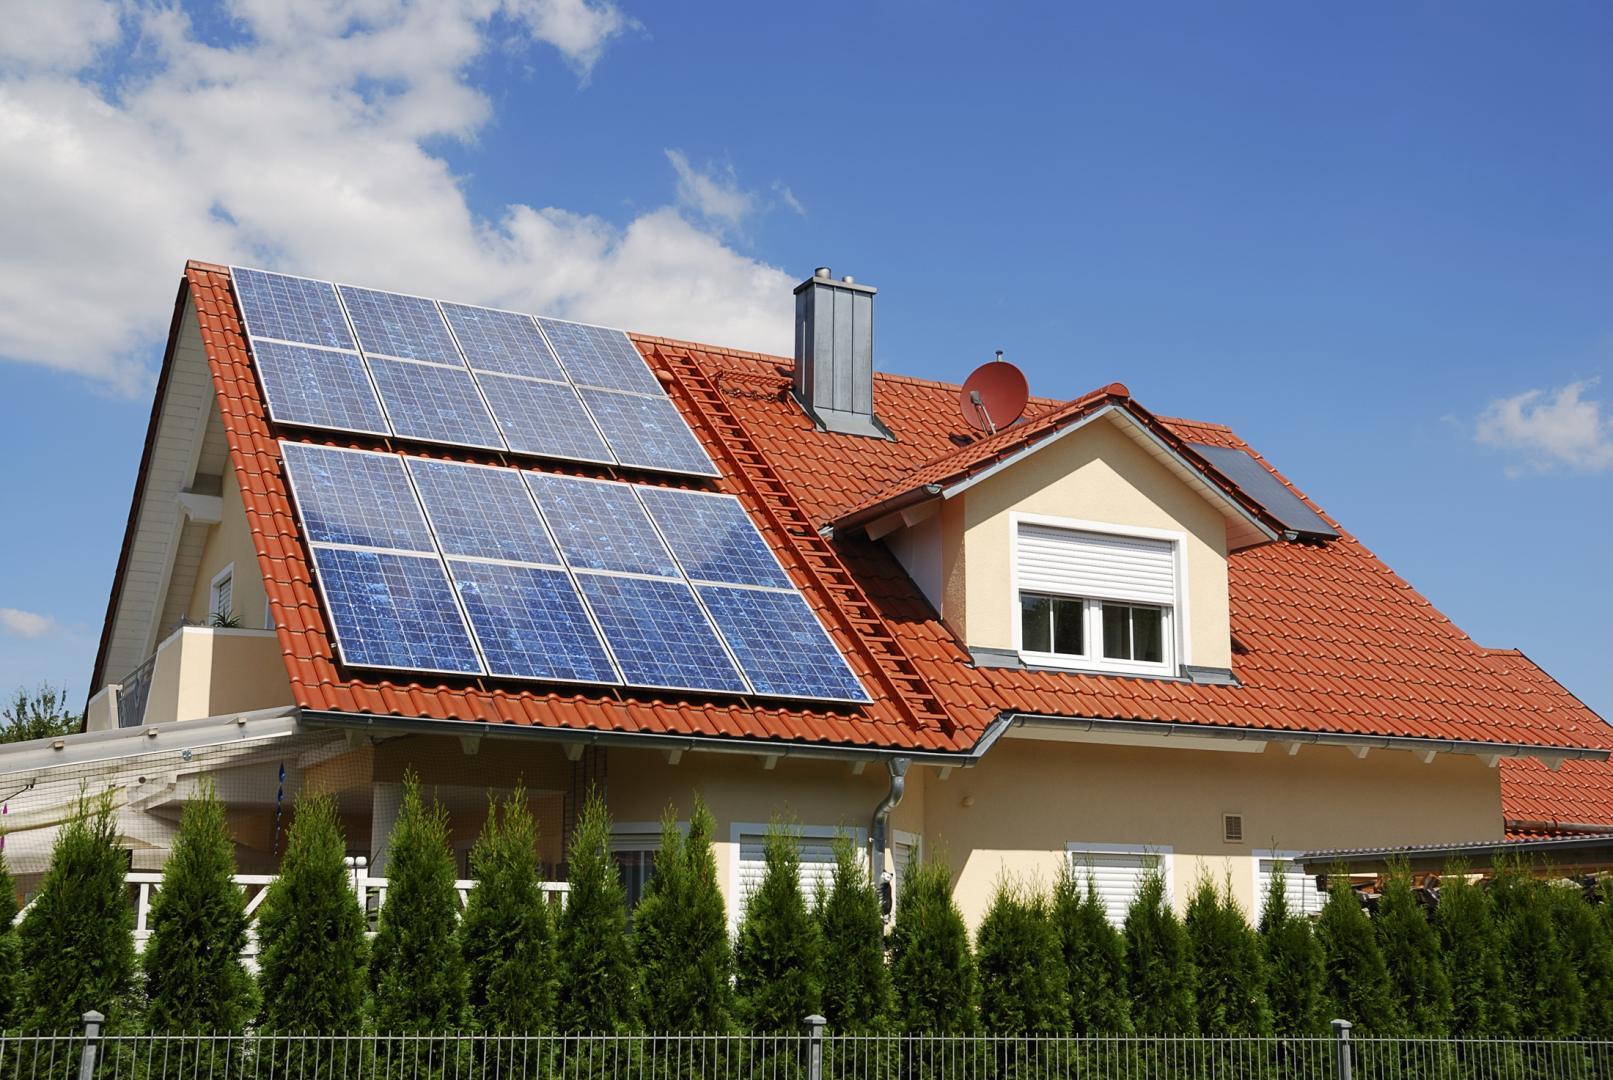 Les essentiels à savoir sur les panneaux photovoltaïques